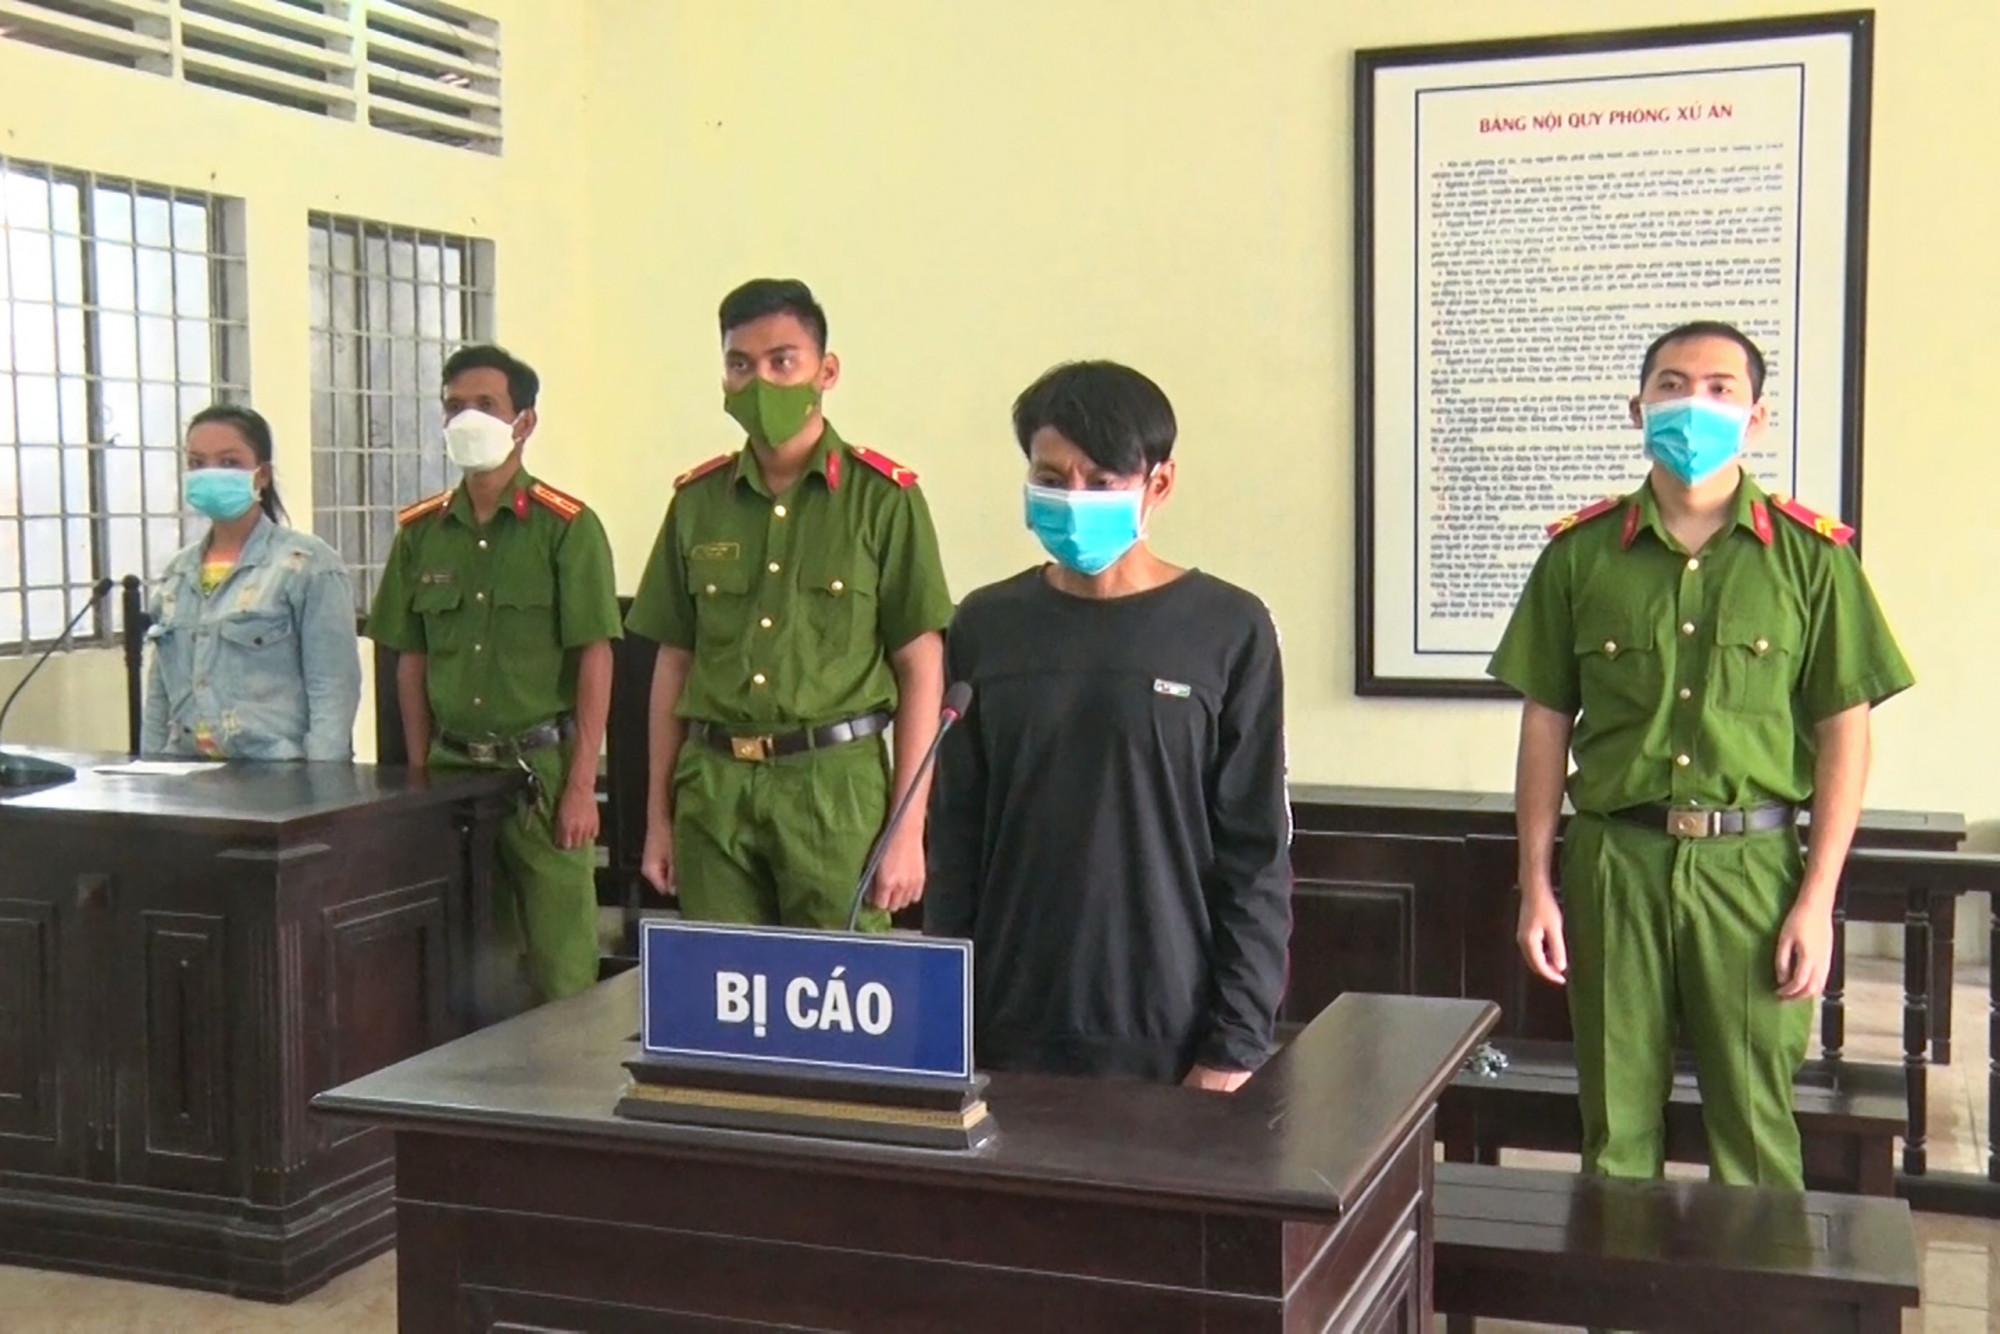 Phạm Minh Nhật Trung tại phiên tòa